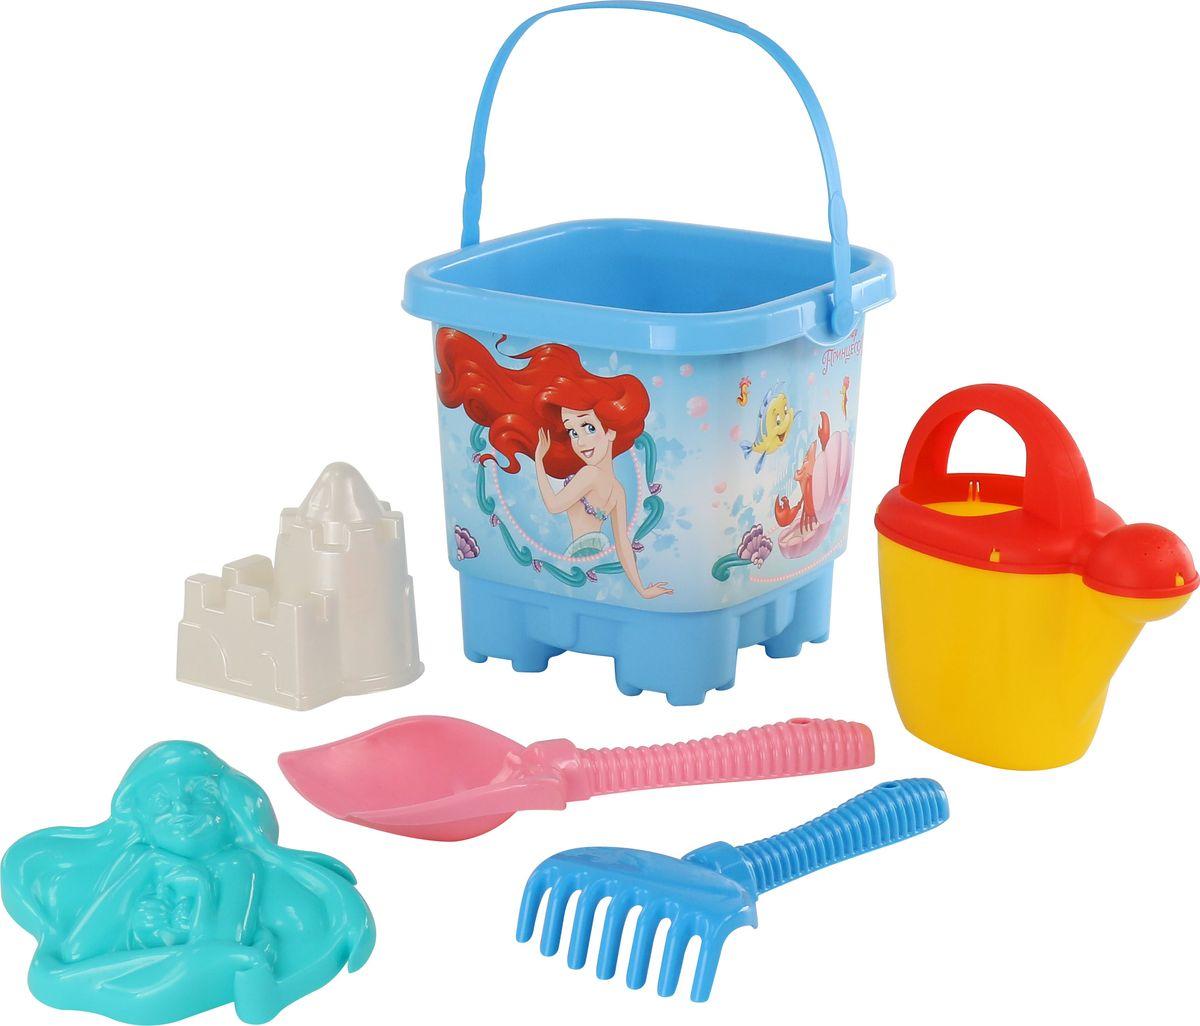 Disney Набор игрушек для песочницы Русалочка №8, цвет в ассортименте